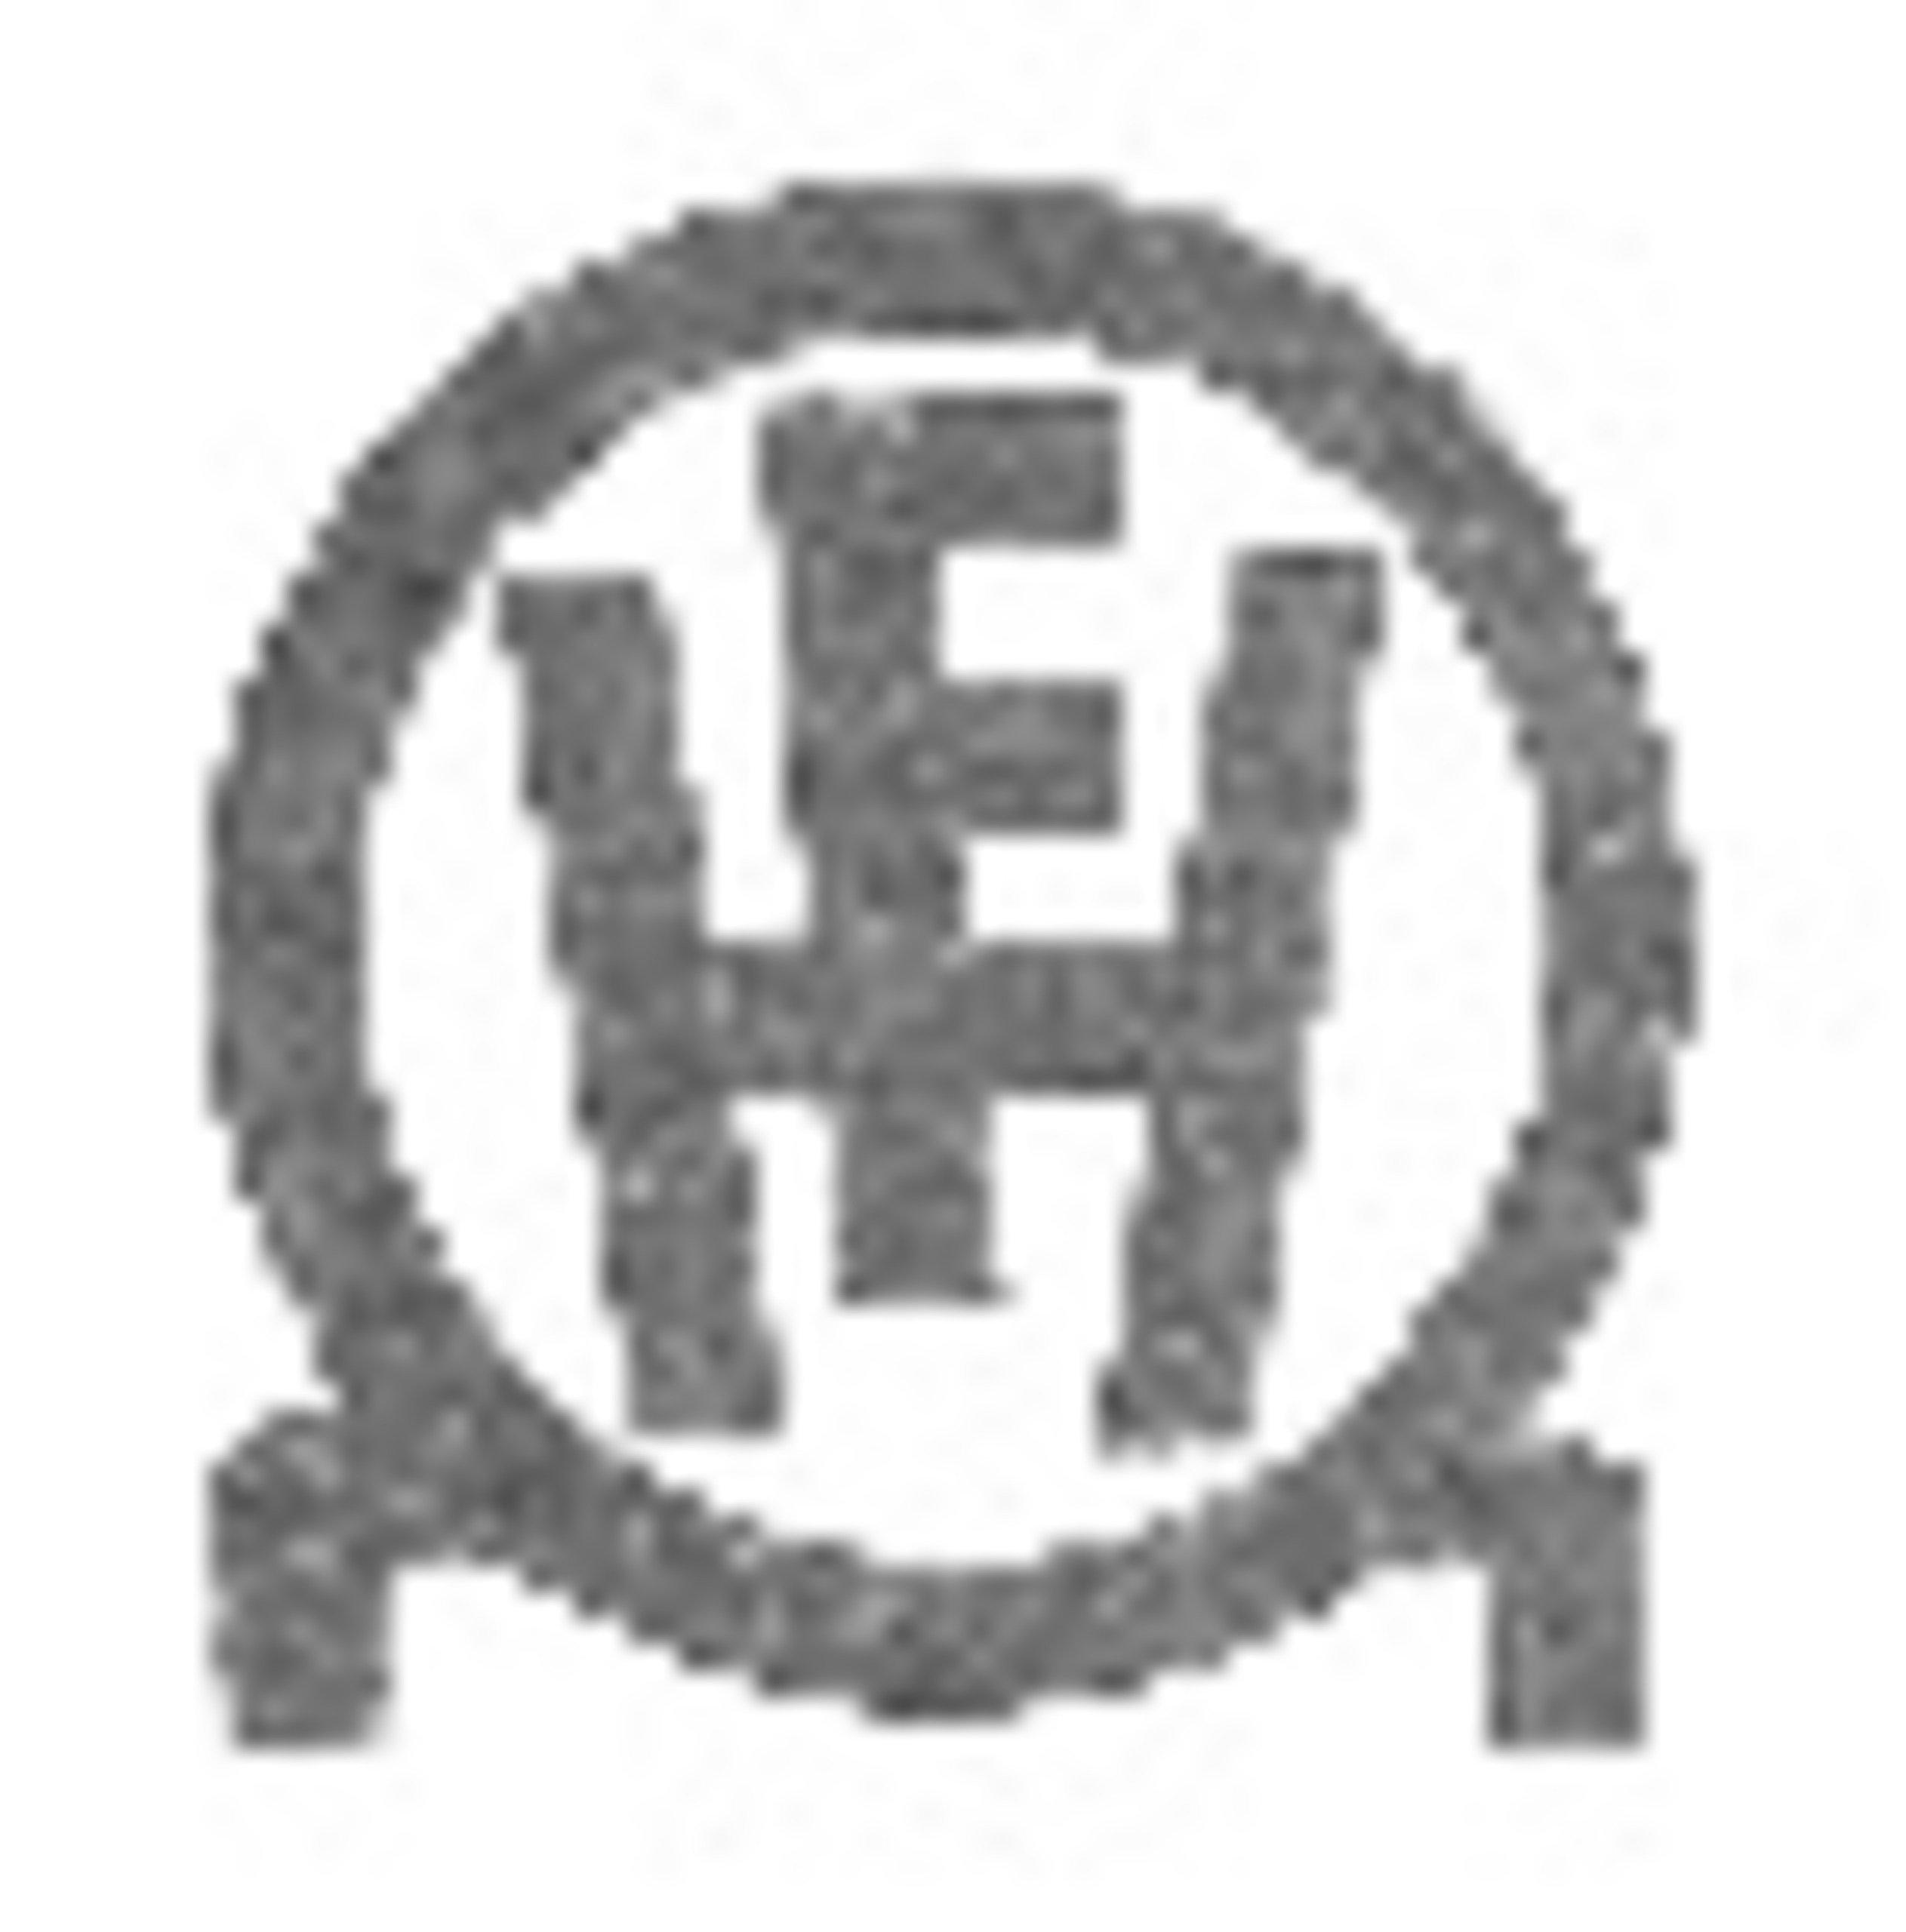 Hartkopf